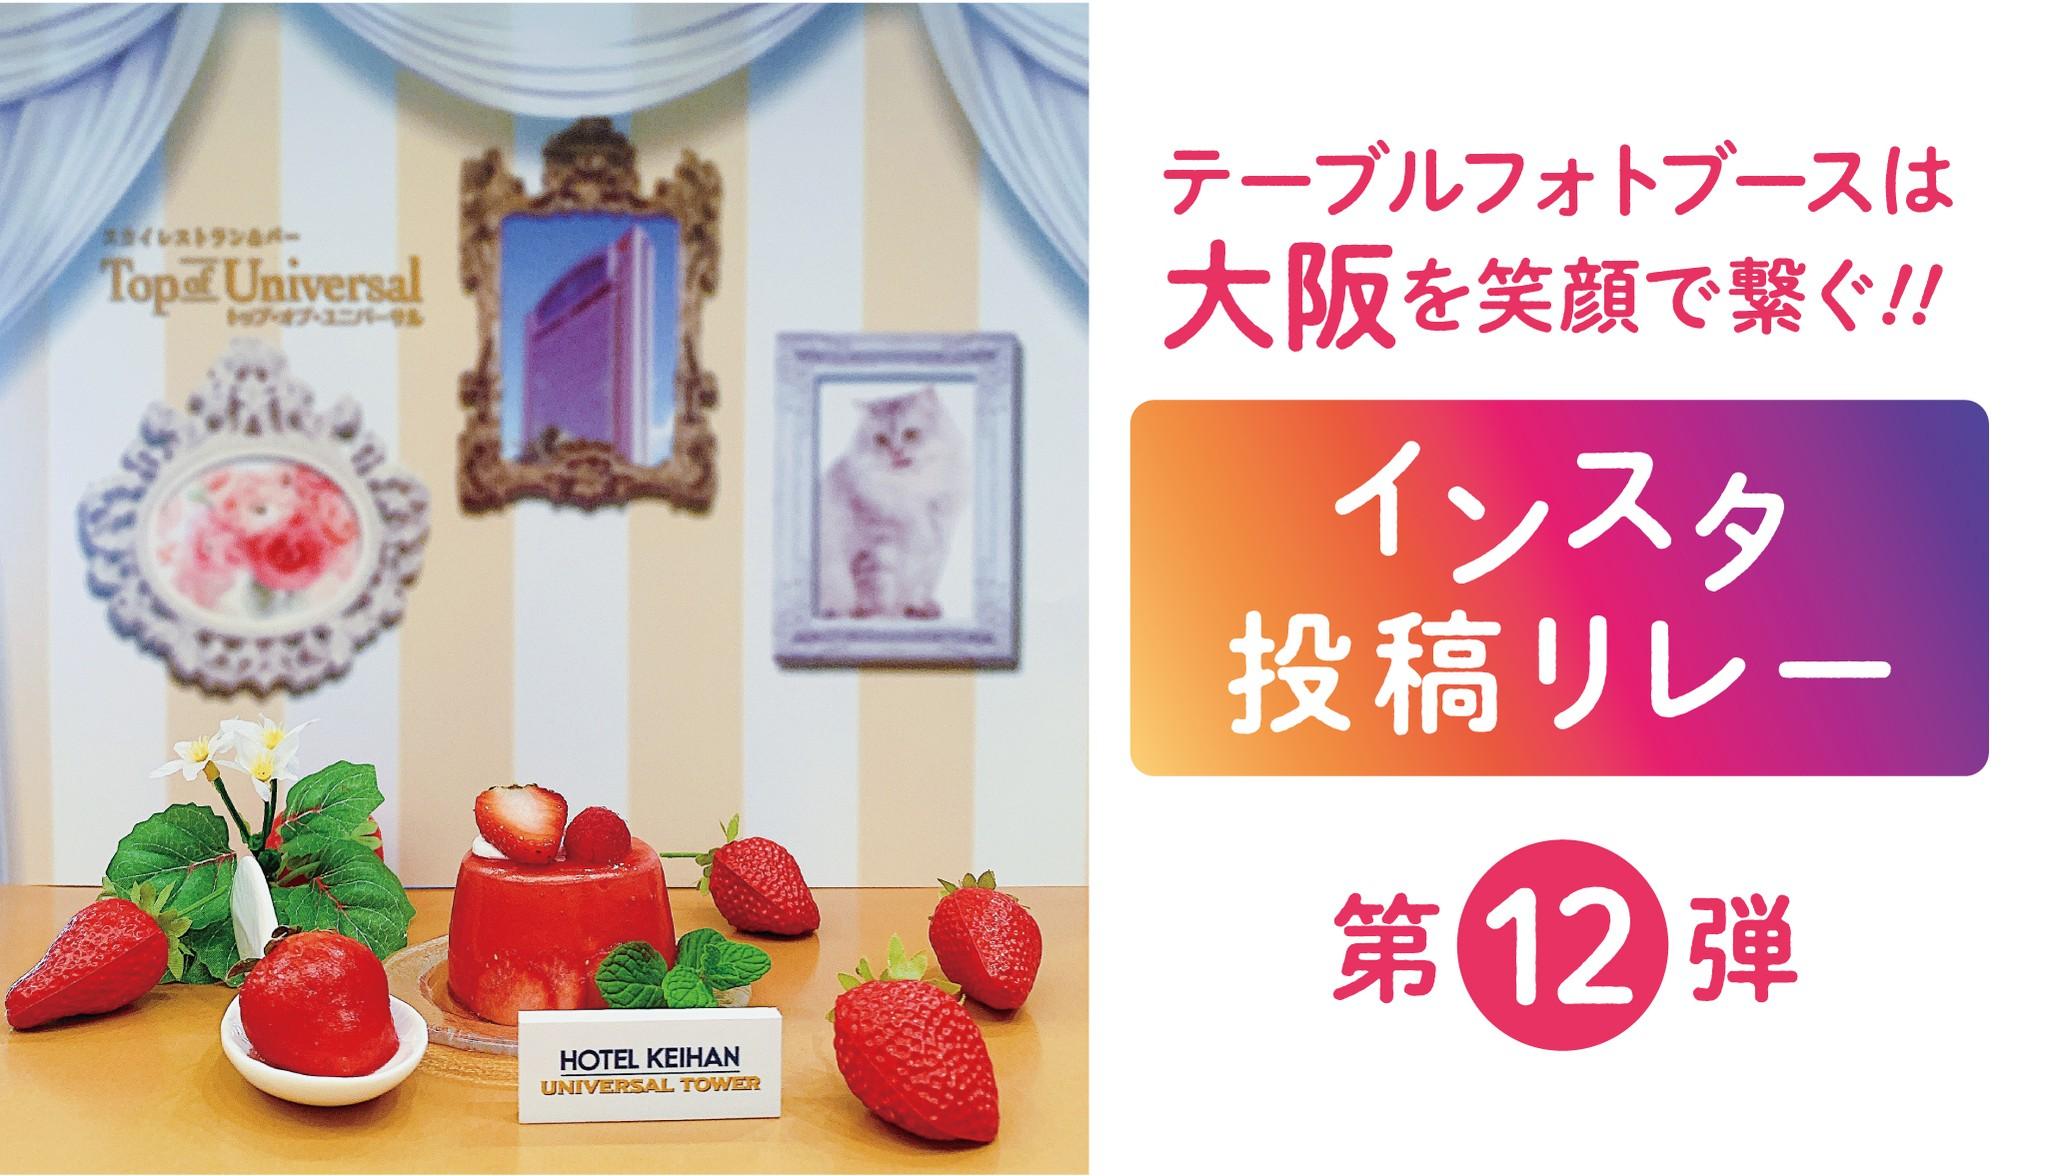 『テーブルフォトブースで大阪を笑顔で繋ぐ!!インスタ投稿リレー』第12弾!!